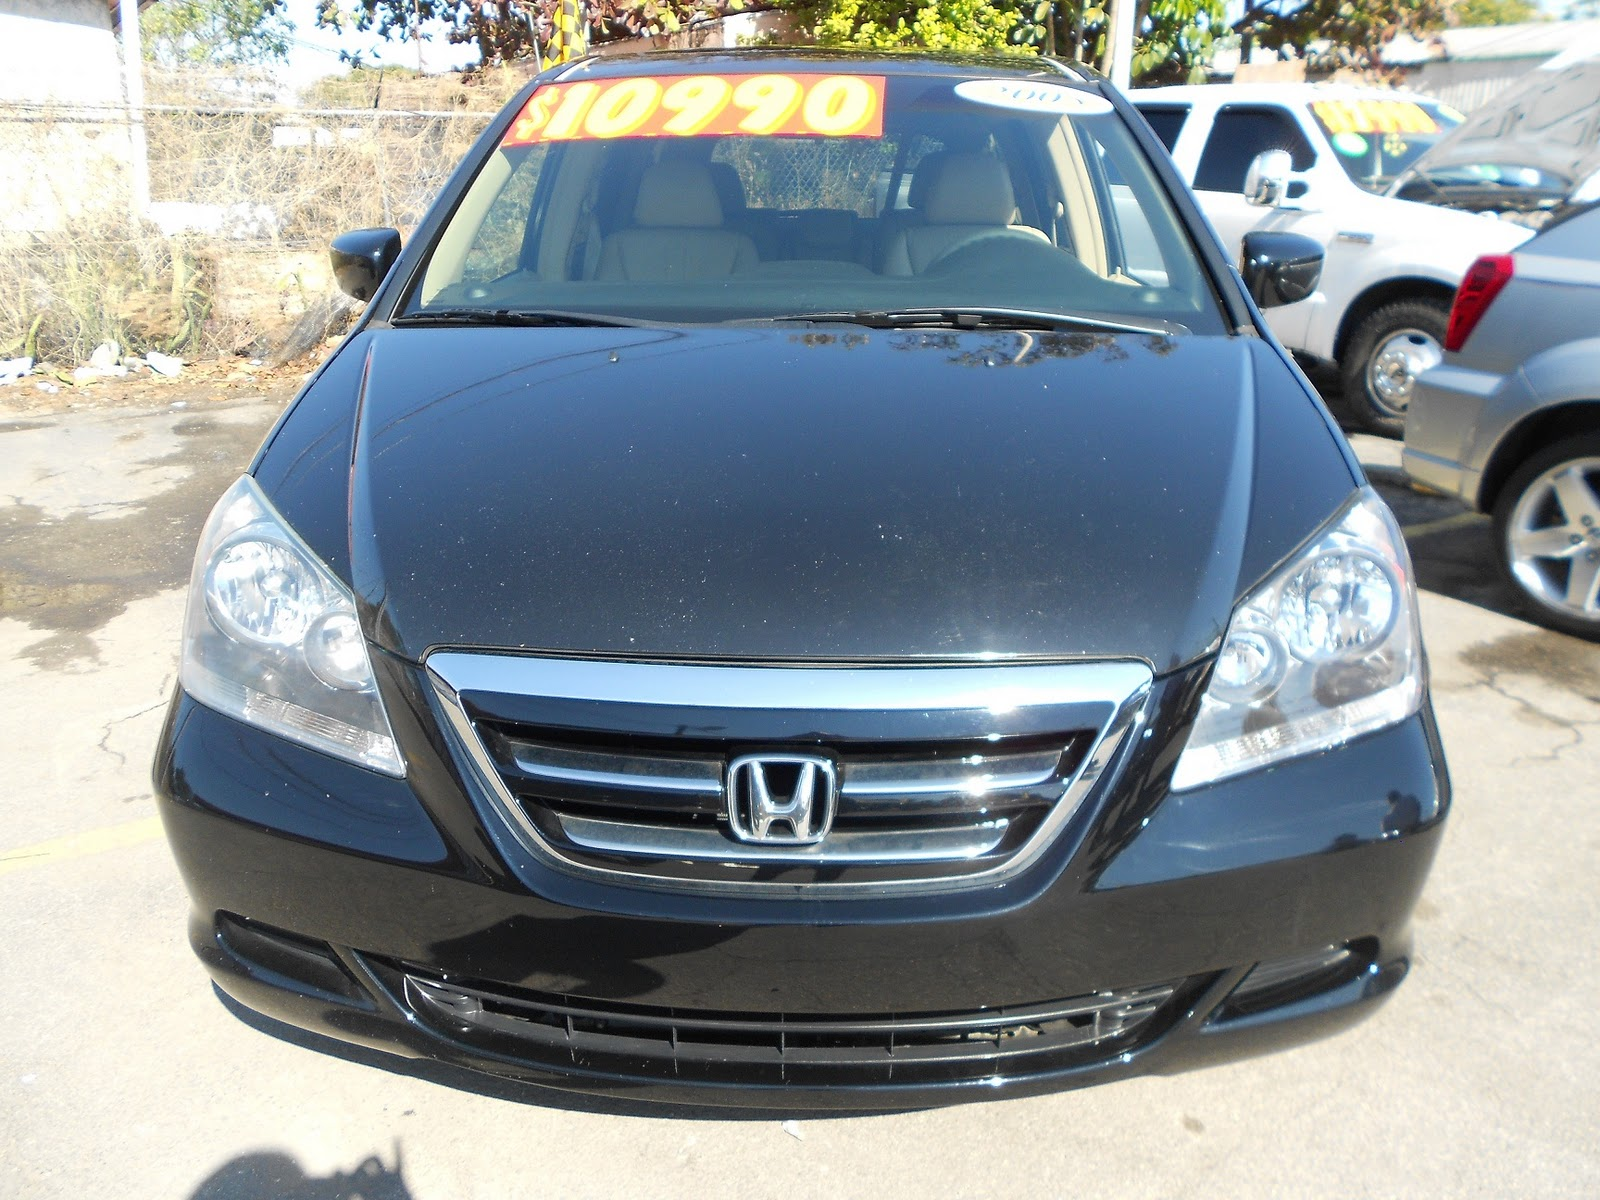 Coral Group Miami Used Cars: Tax Season at Coral Group Miami Used Cars For Sale